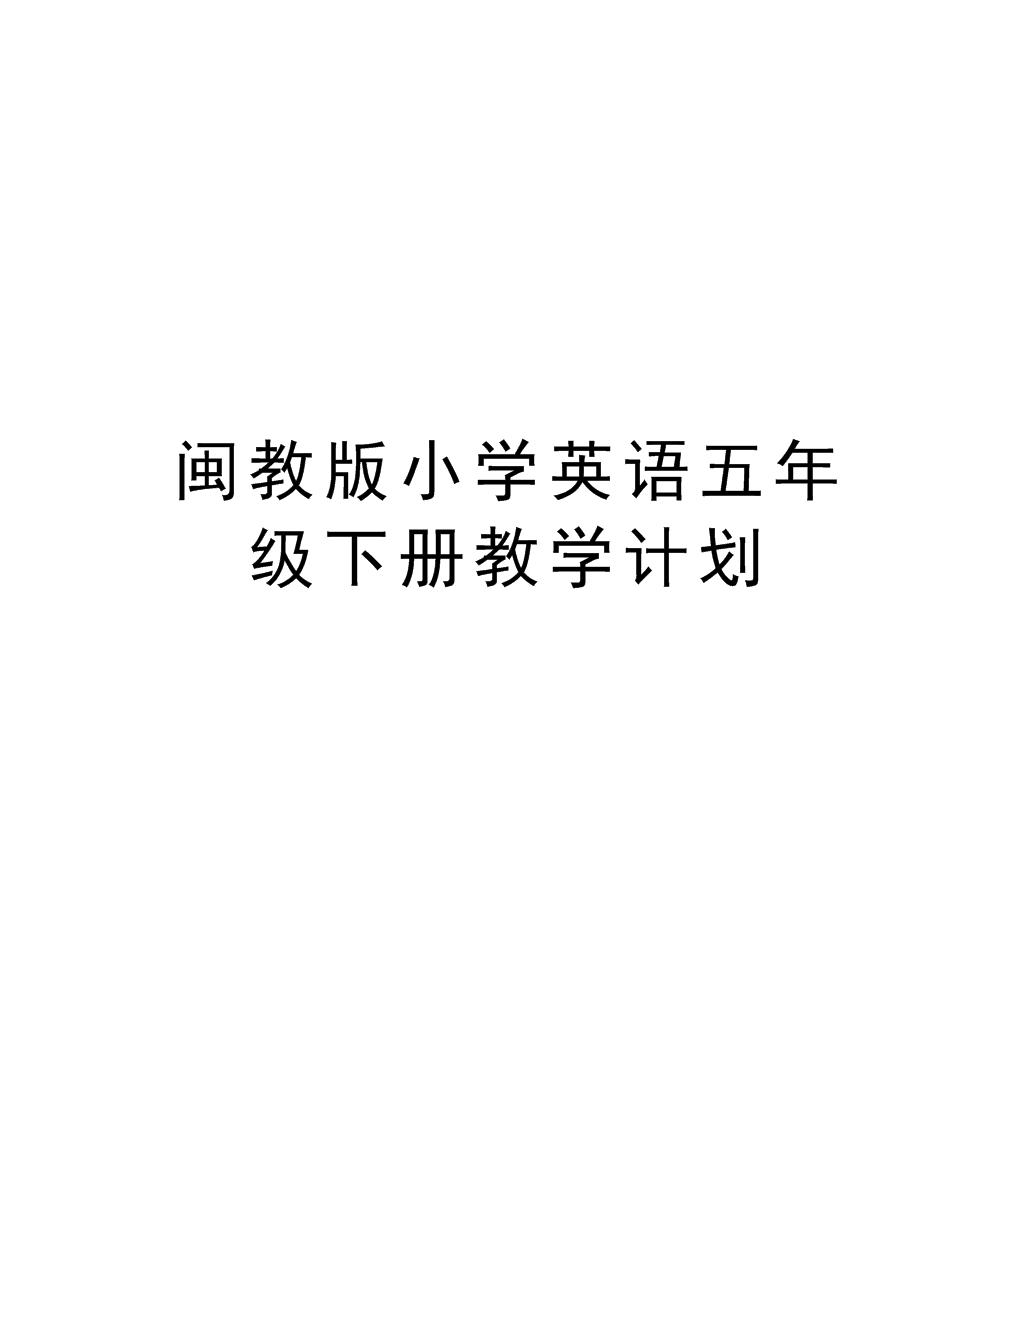 閩教版小學英語五年級下冊教學計劃教案資料.doc